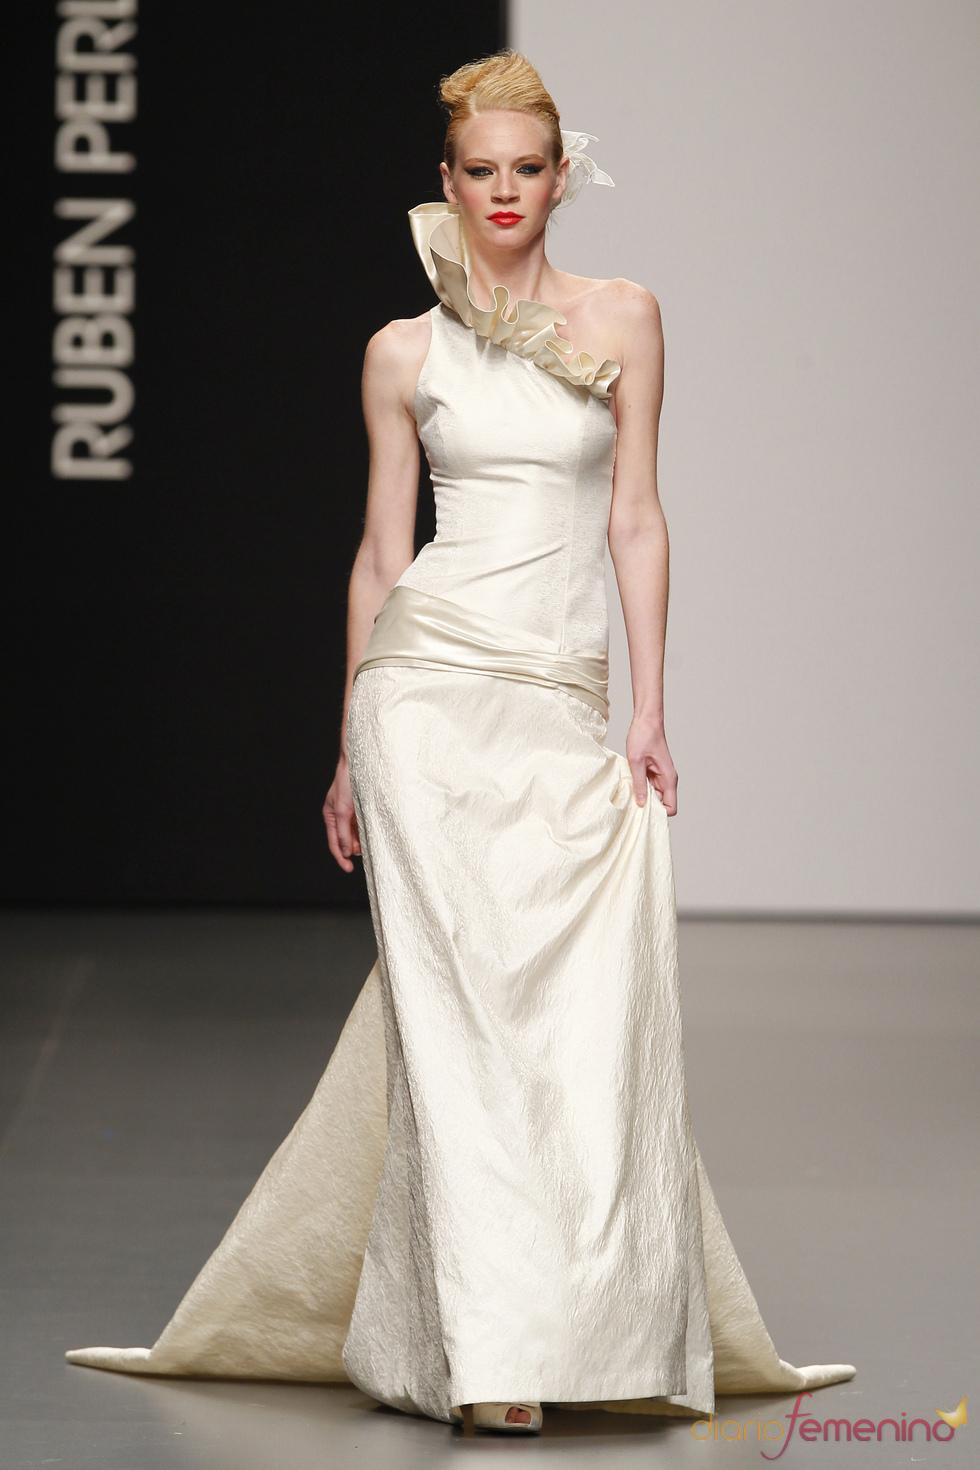 Vestido de novia asimétrico de Rubén Perlotti